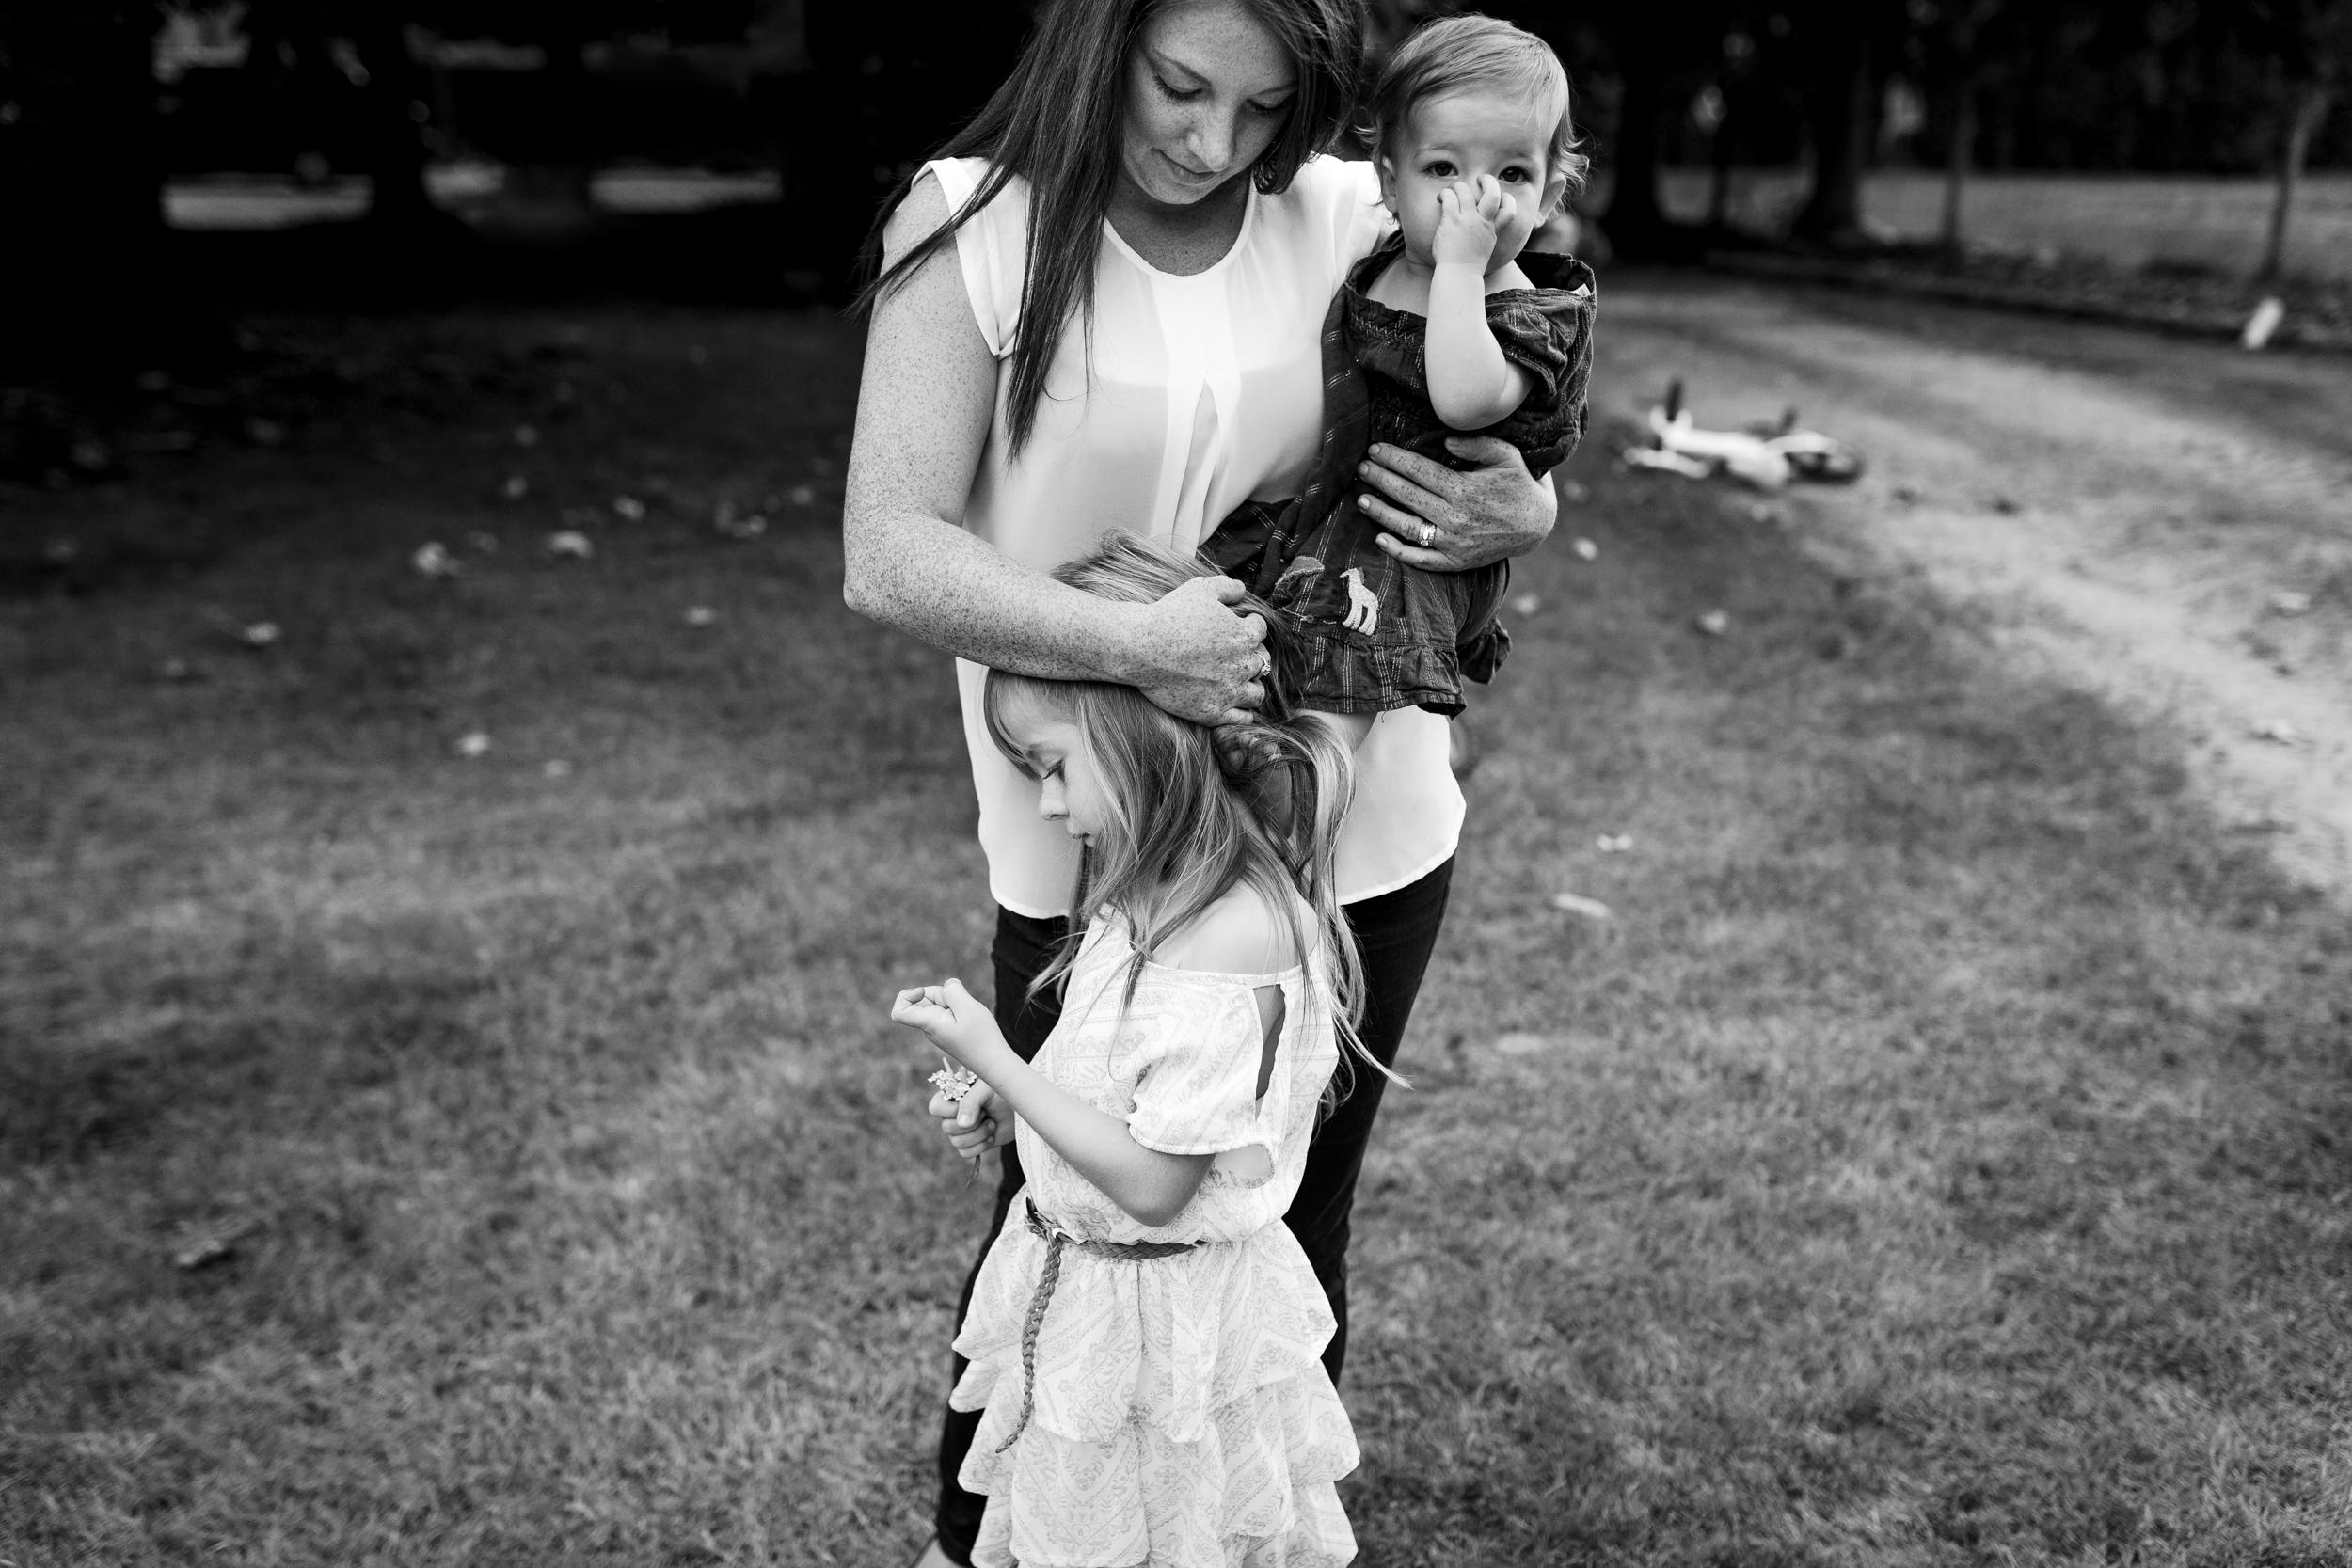 family-documentary-photography-fraser-valley-ott-026.jpg